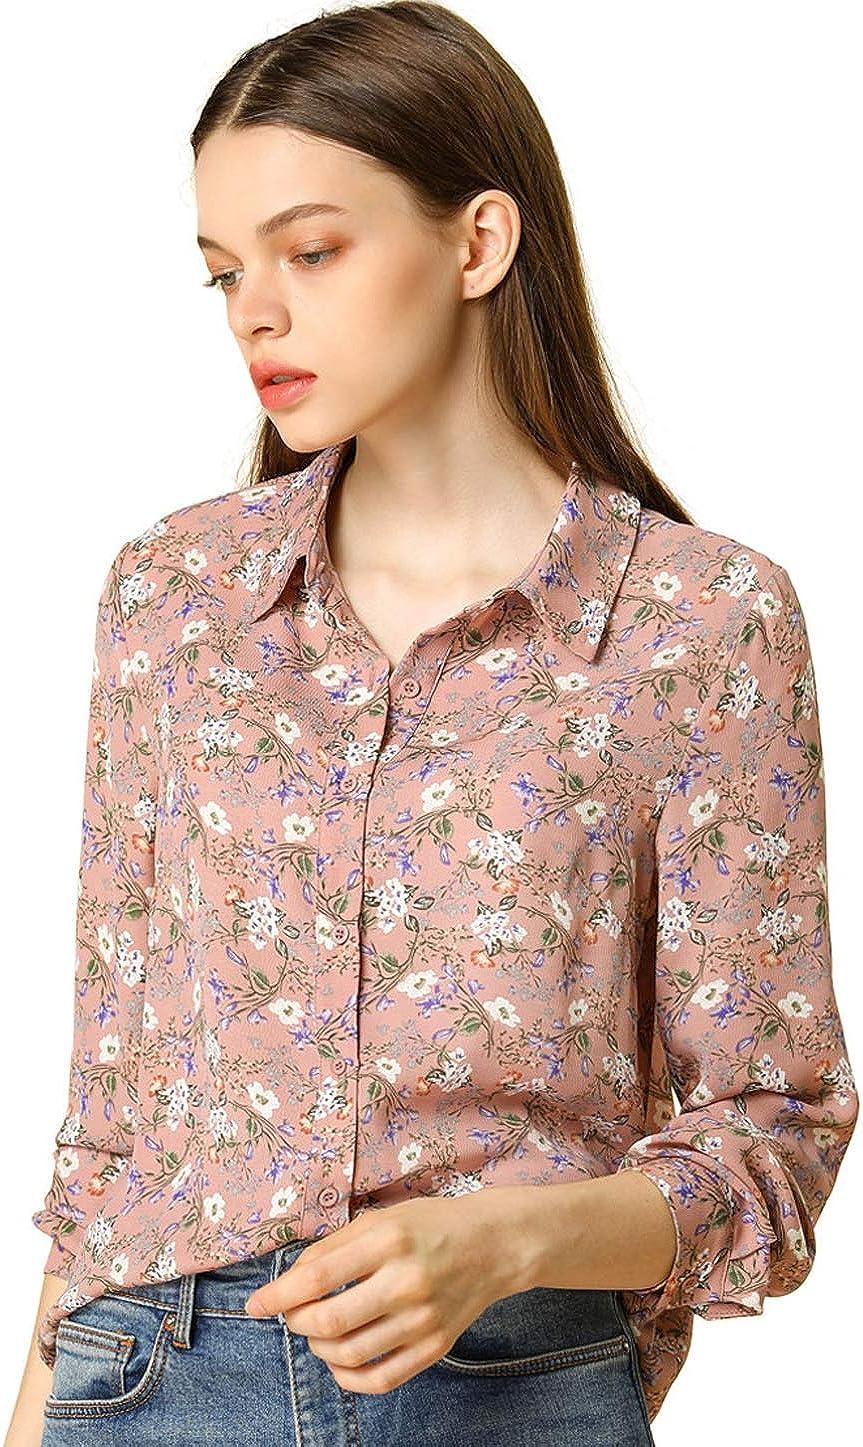 Allegra K Women's Button Down Floral Shirt Blouse Long Sleeve Point Collar Top